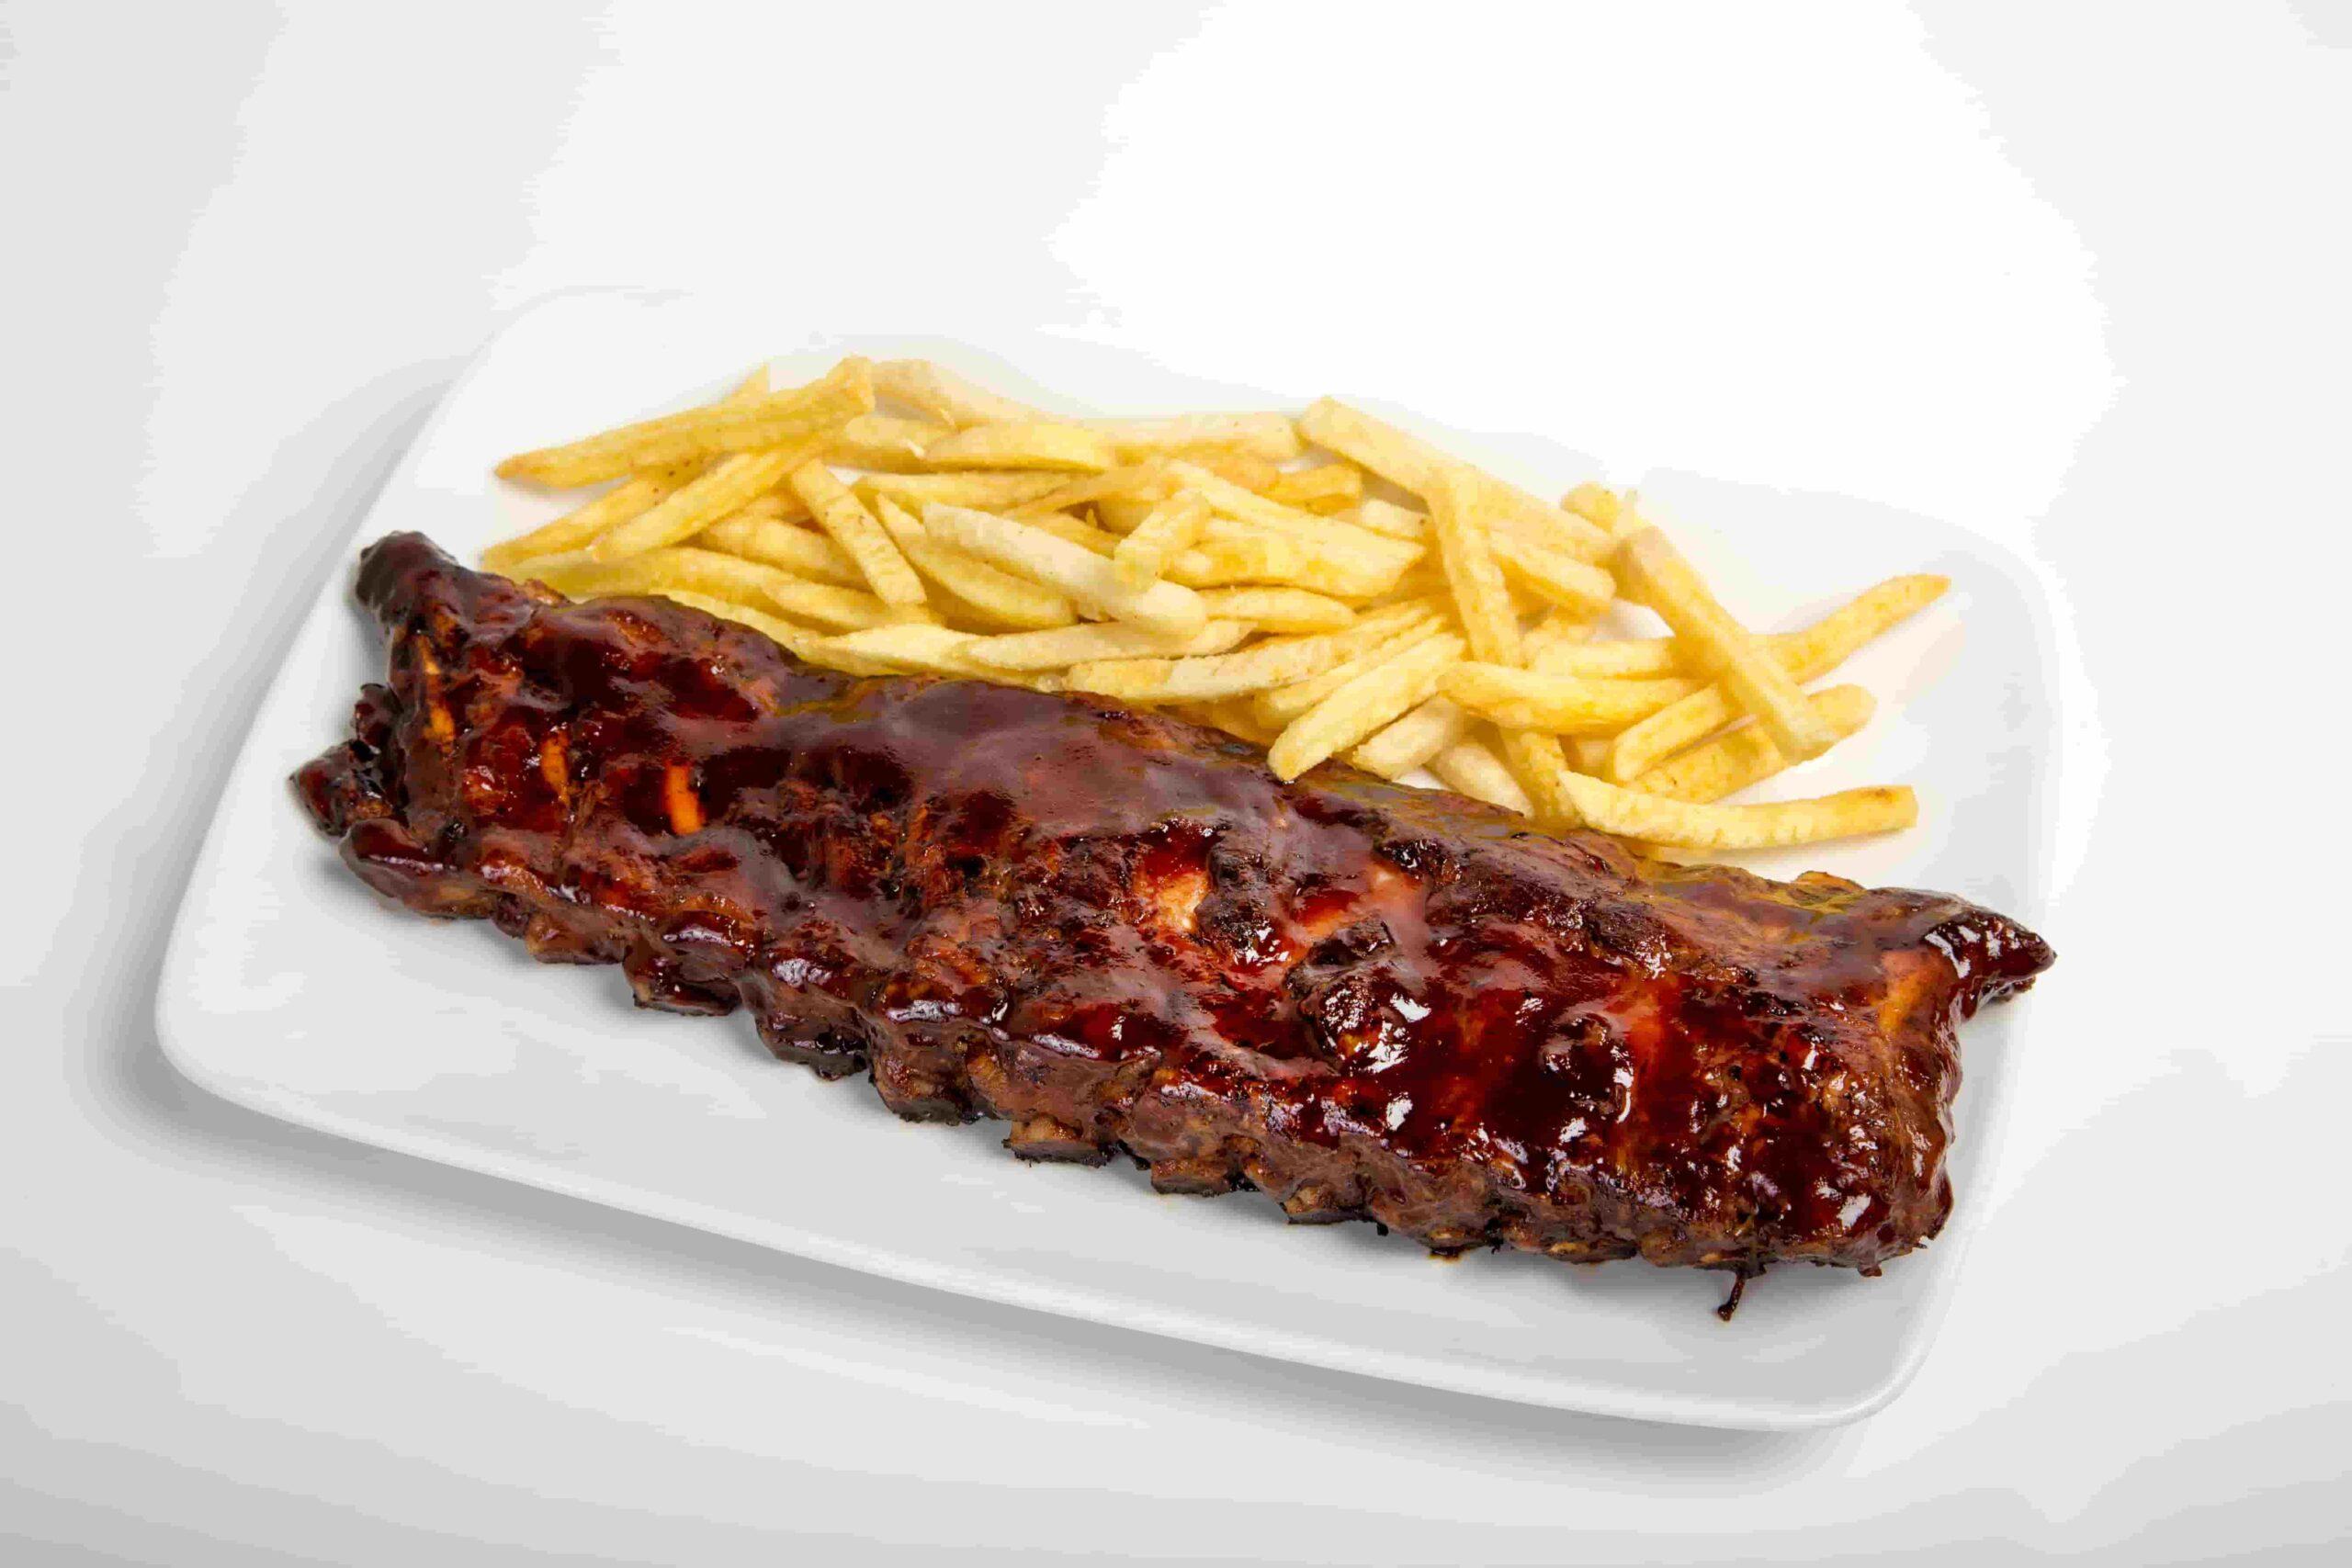 ¿Qué mejor lugar que SteakBurger para probar unas buenas costillas bbq?